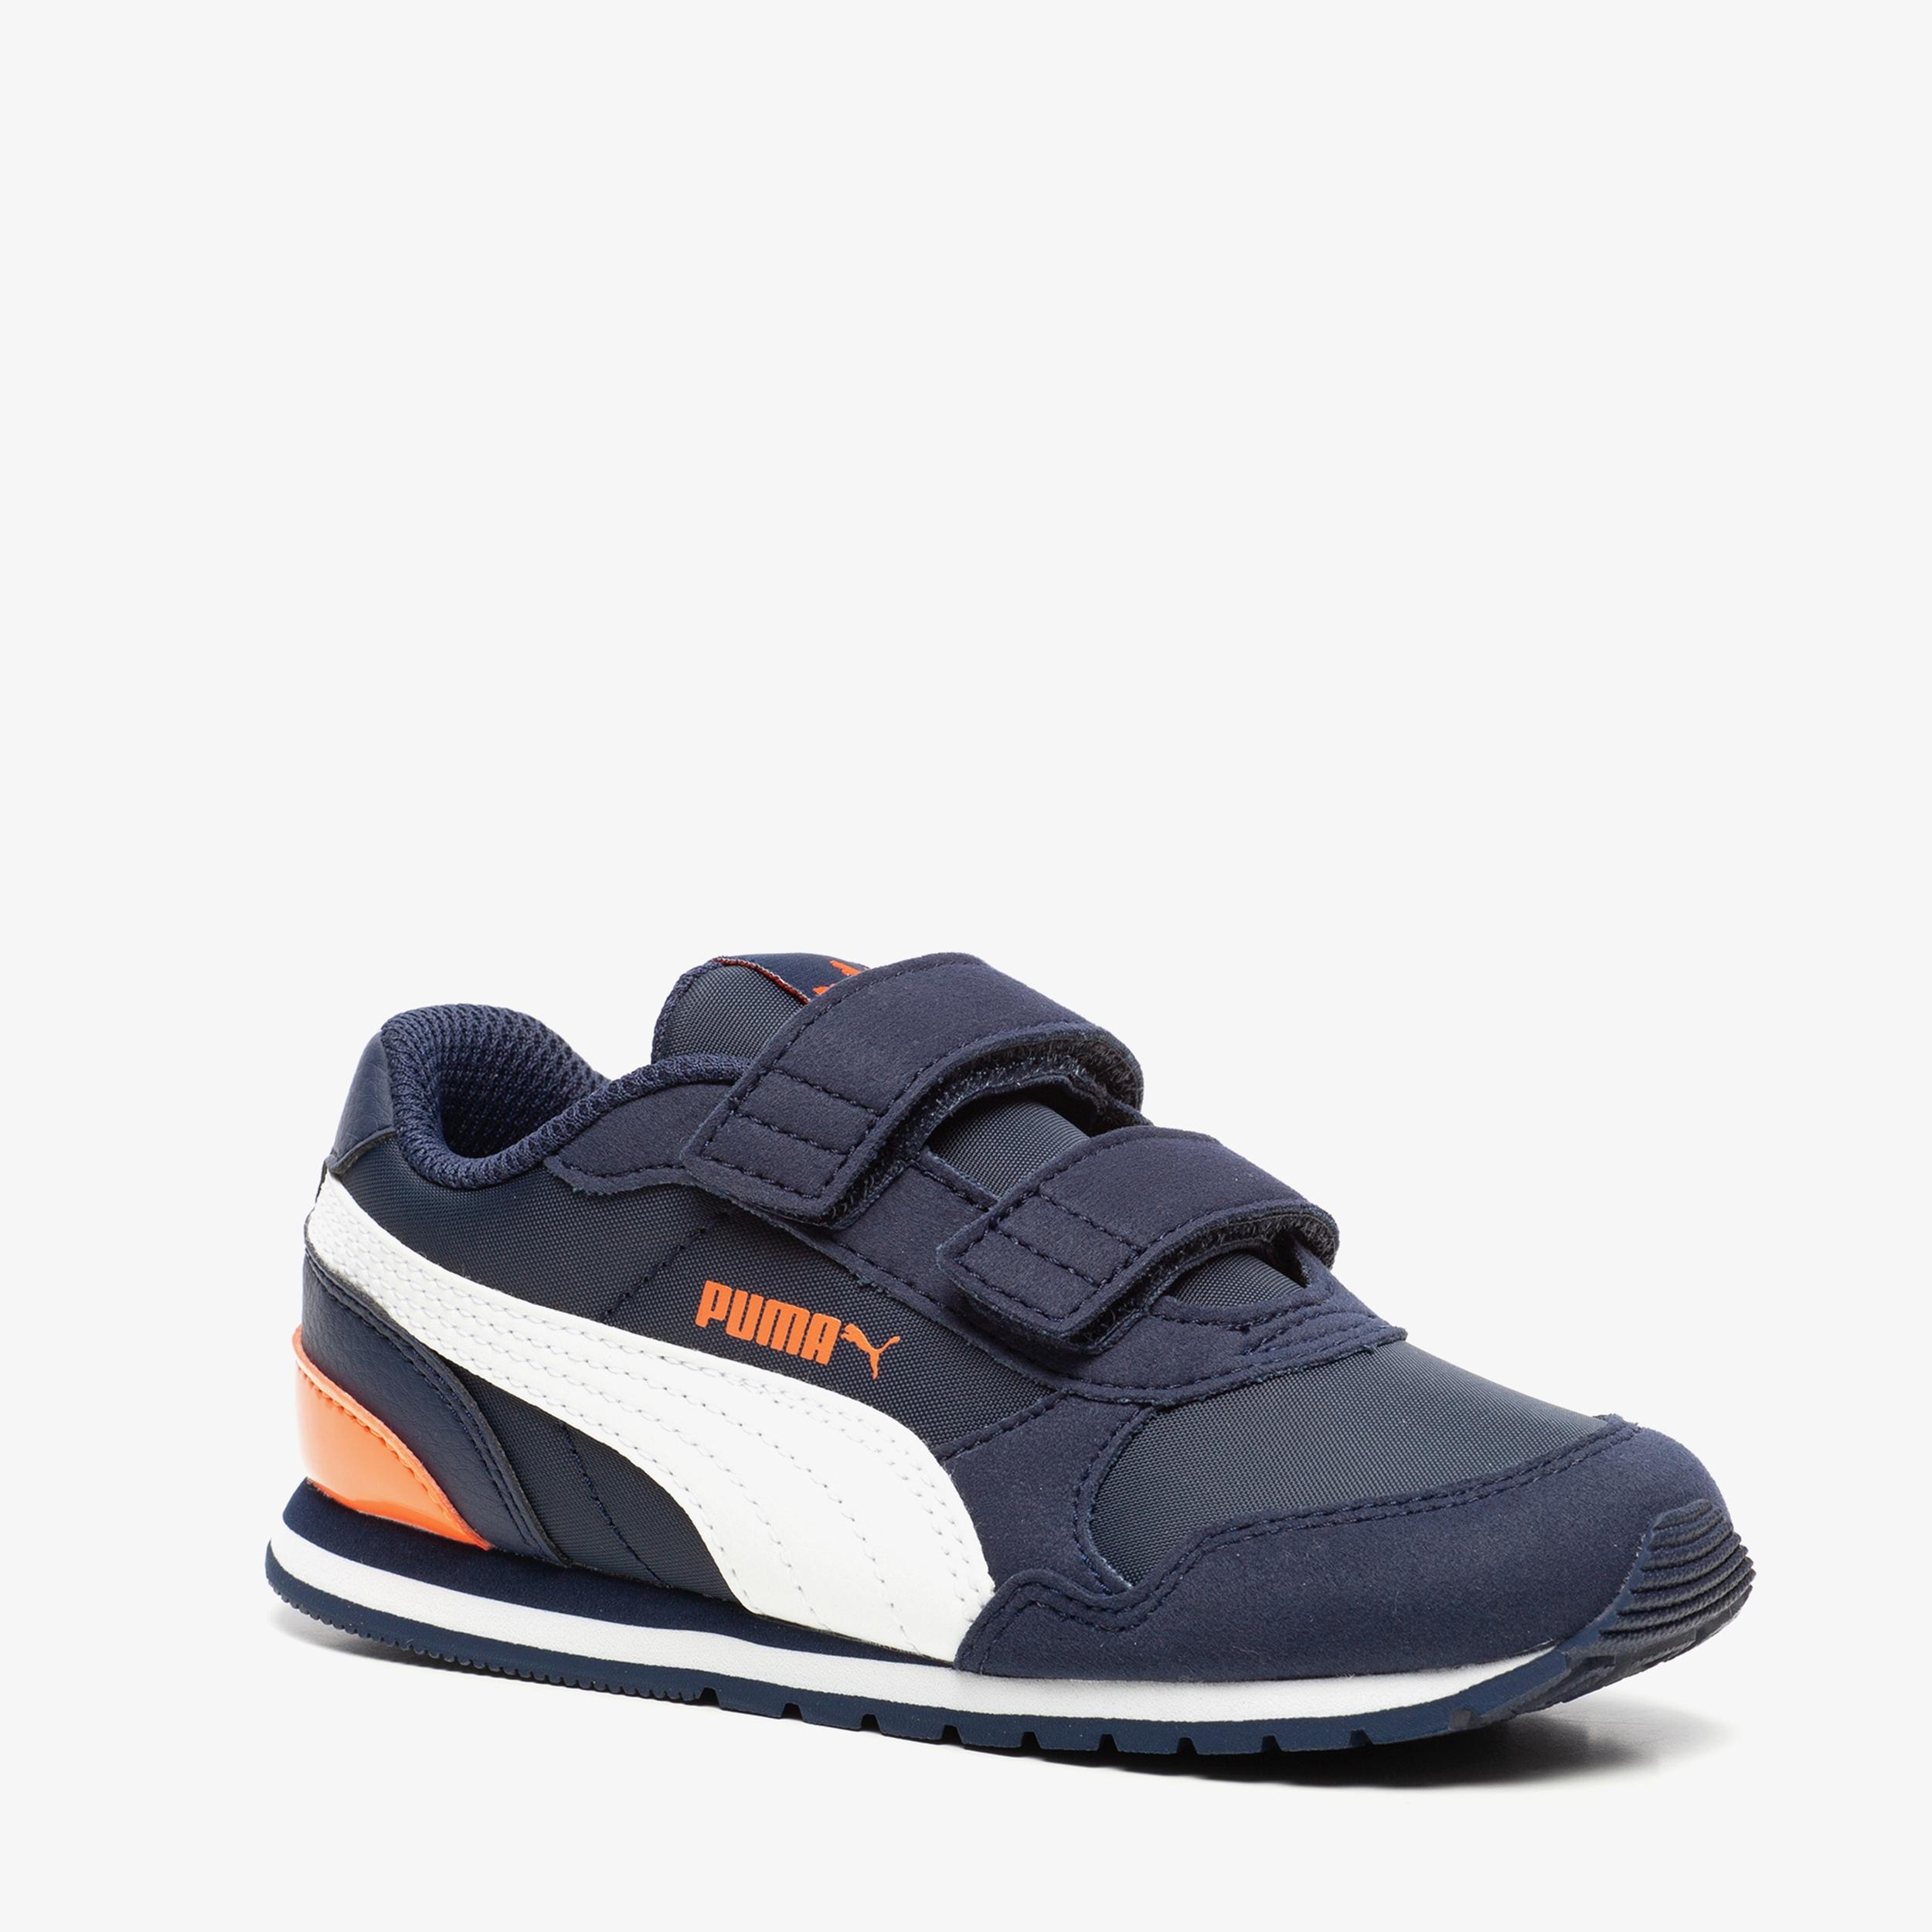 Puma ST Runner V2 NL V INF kinder sneakers | Scapino.nl